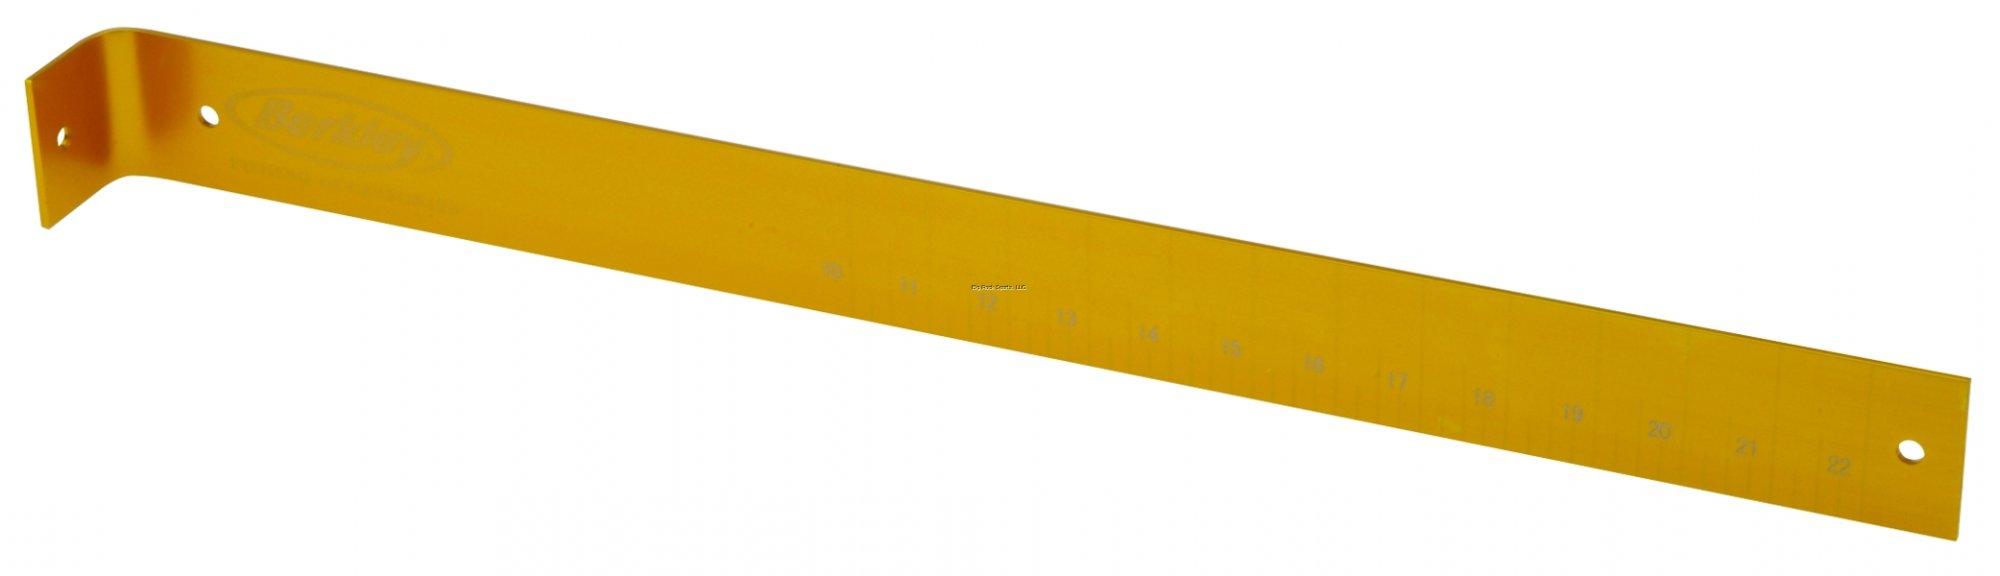 Berkley Aluminum Fish Ruler Gold